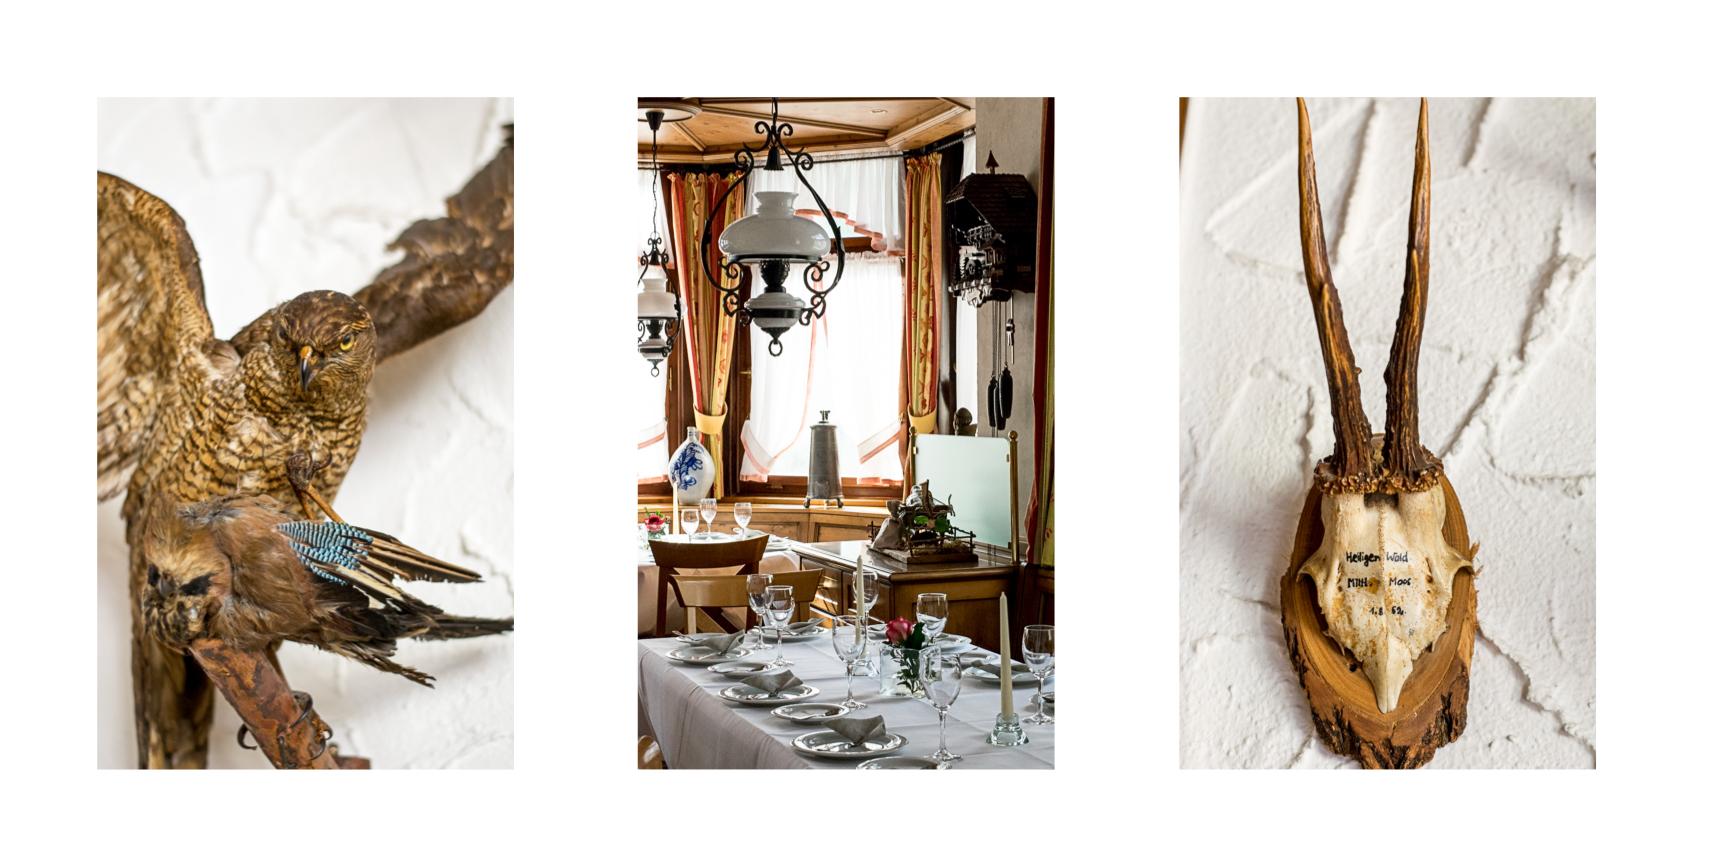 Hotel Ochsen Enz Jagdzimmer Jagd Restaurant Jaegerstube